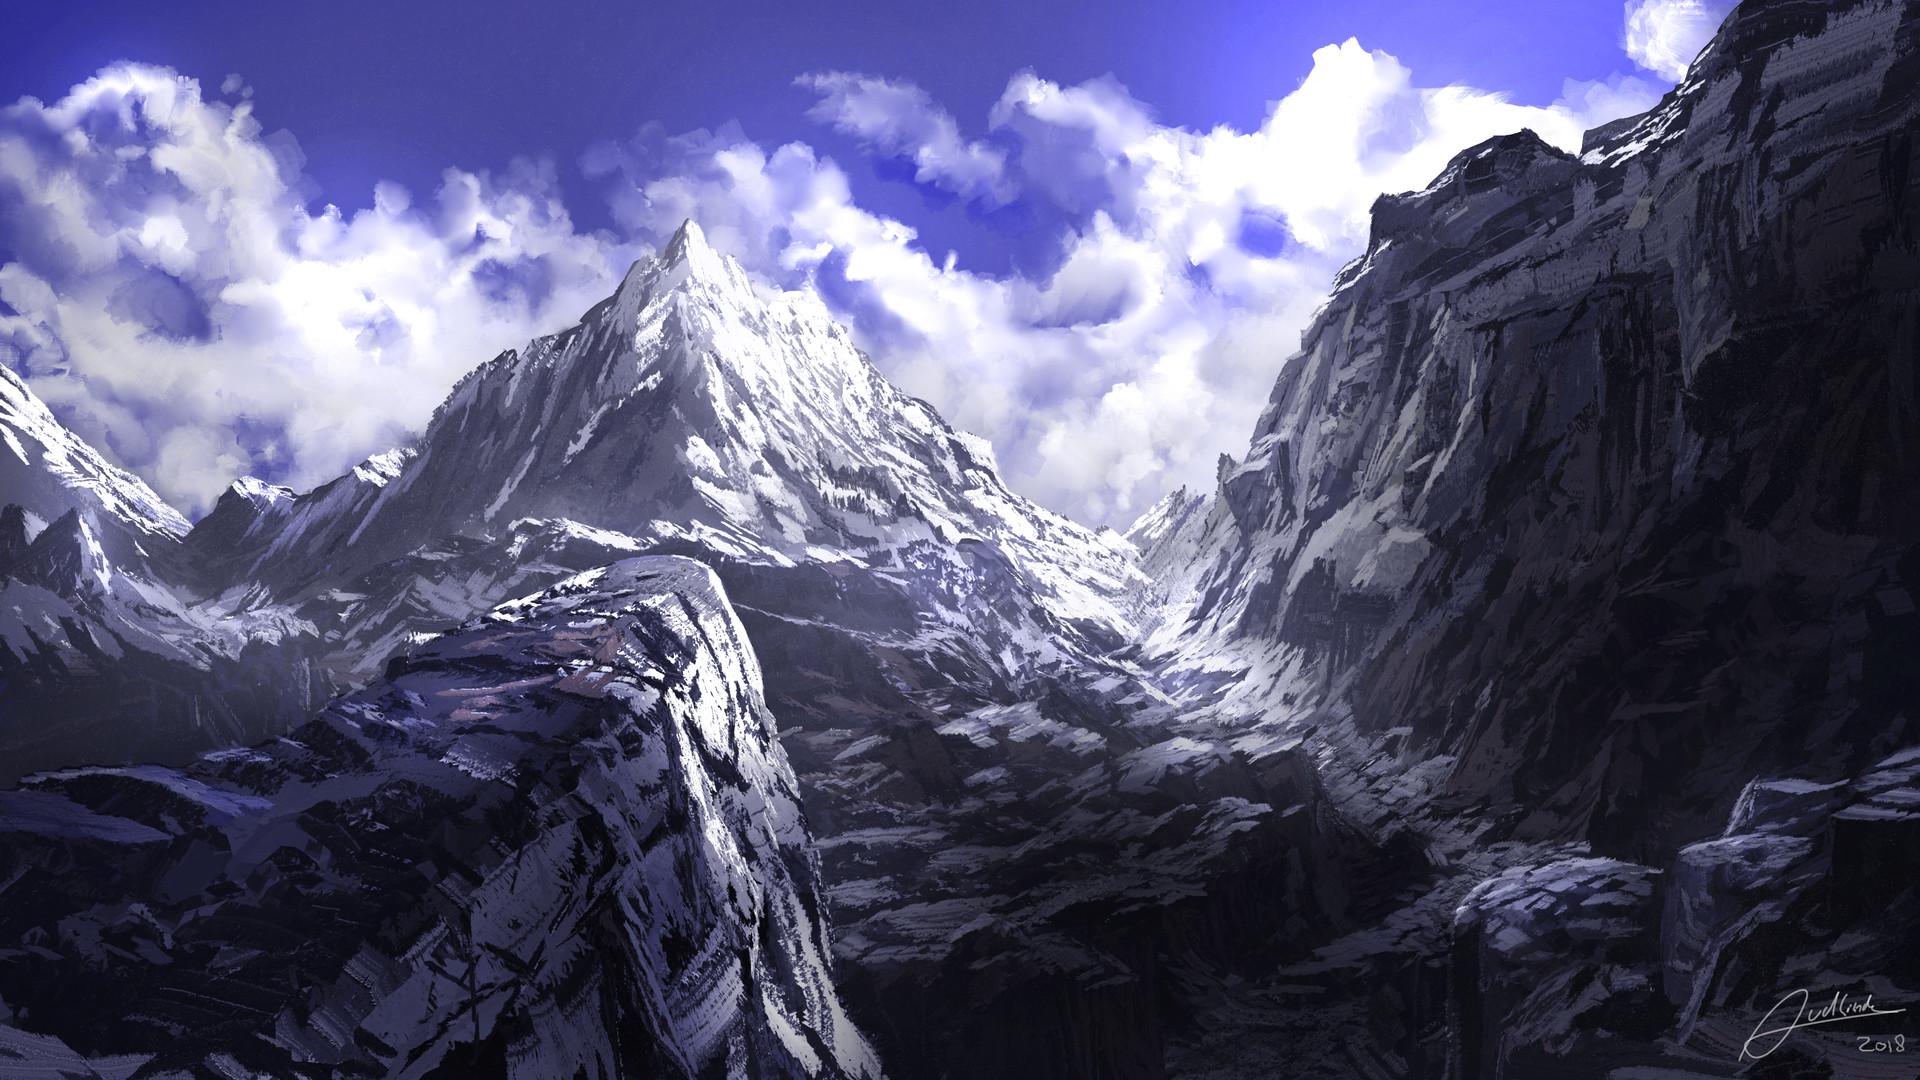 alex-van-der-linde-169-the-summit-by-alex-van-der-linde.jpg?1544375364